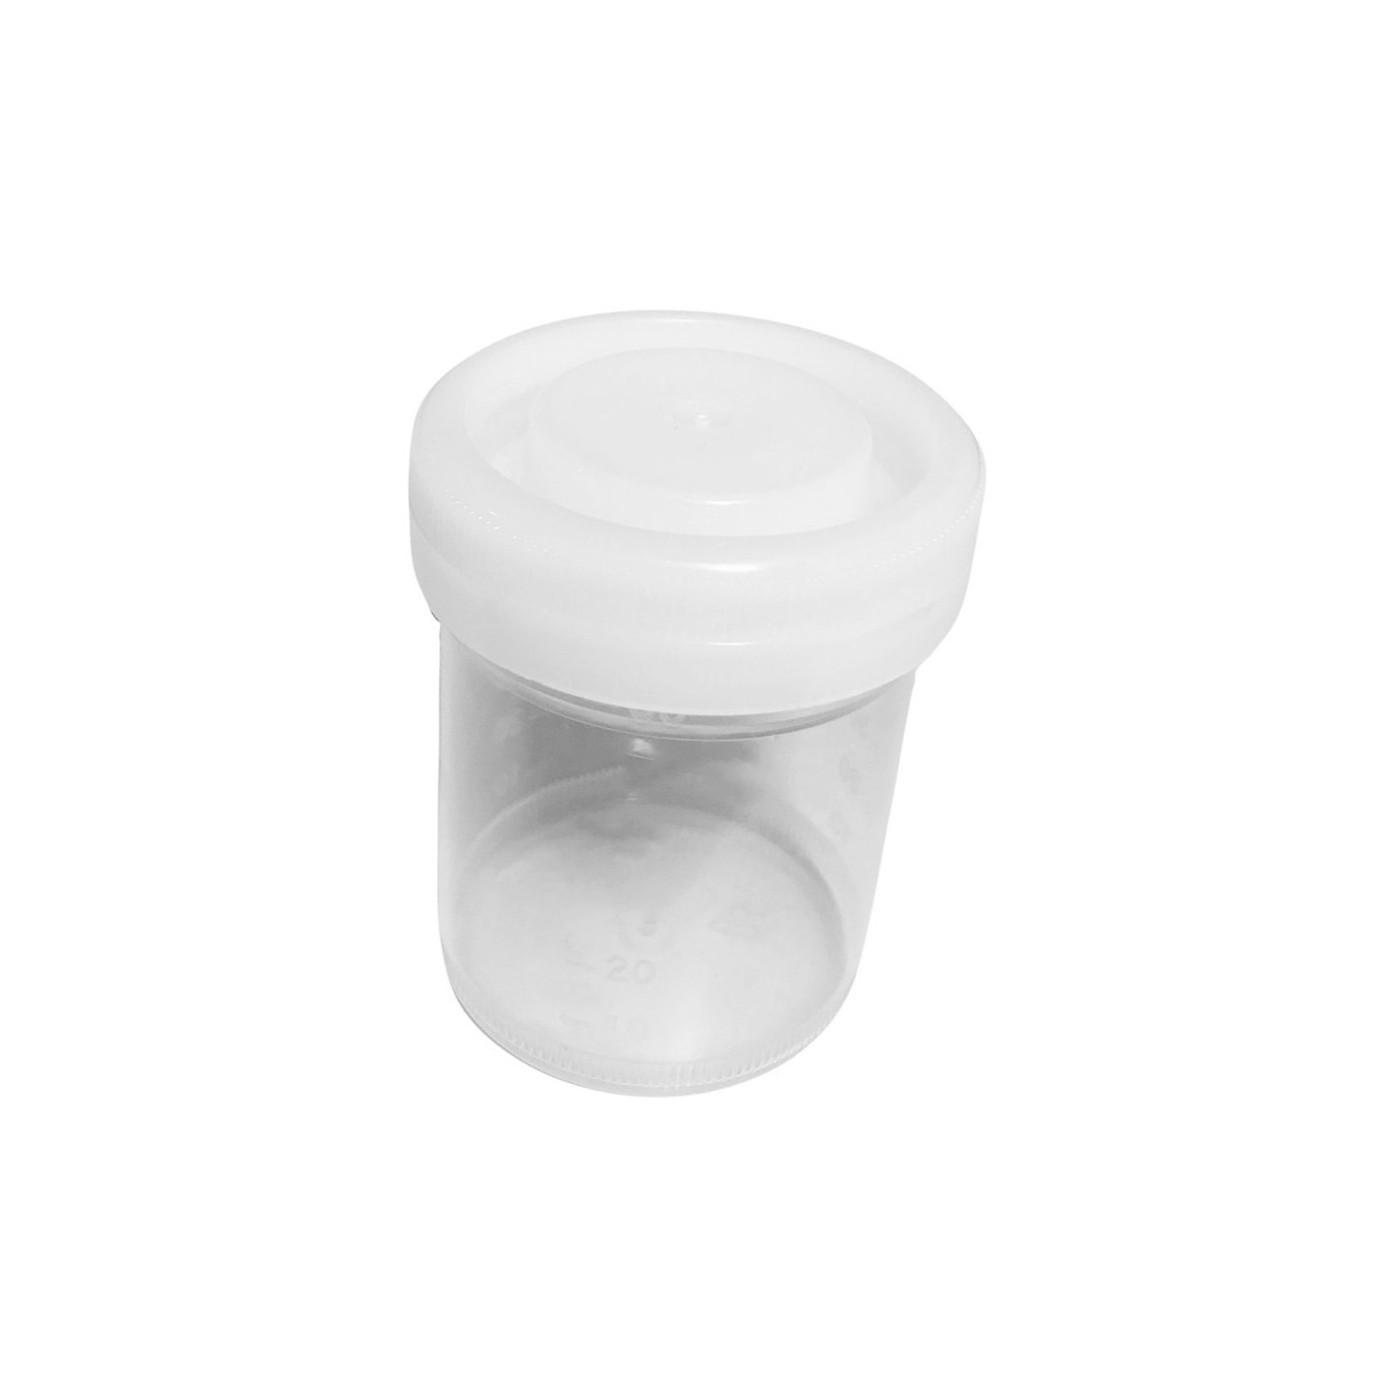 Set van 50 plastic potjes (120 ml) met schroefdoppen